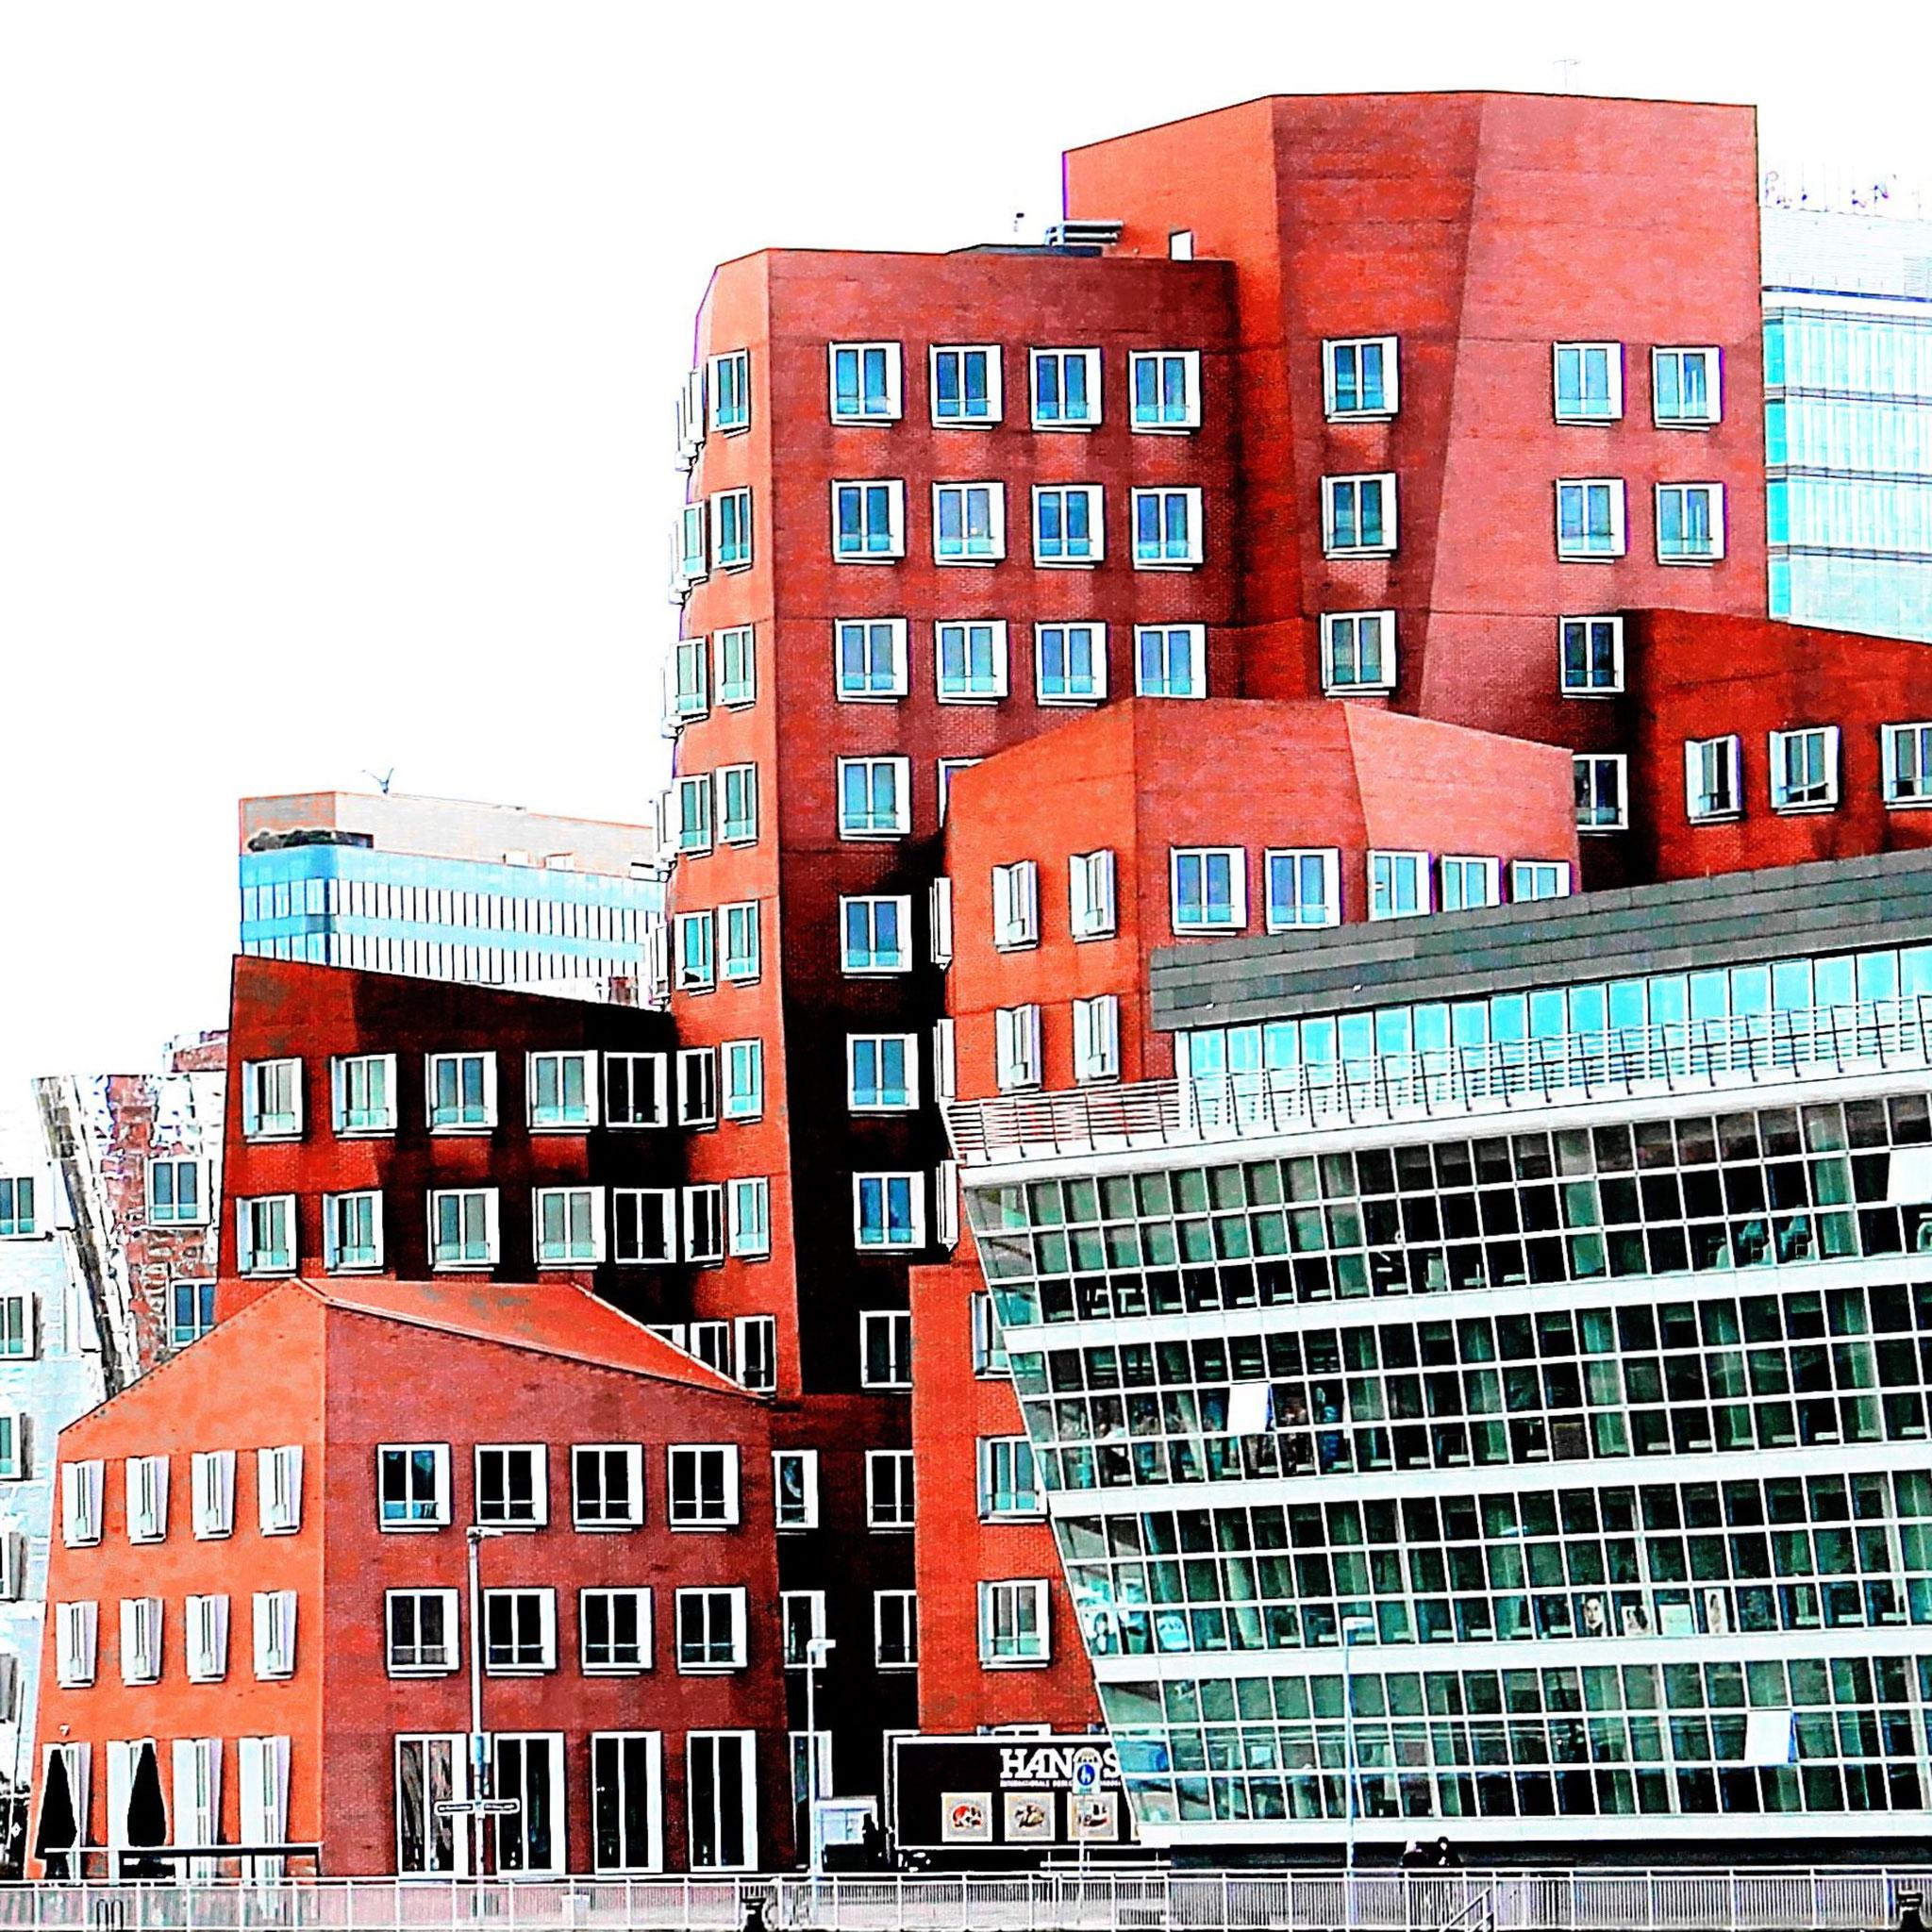 Gehrys